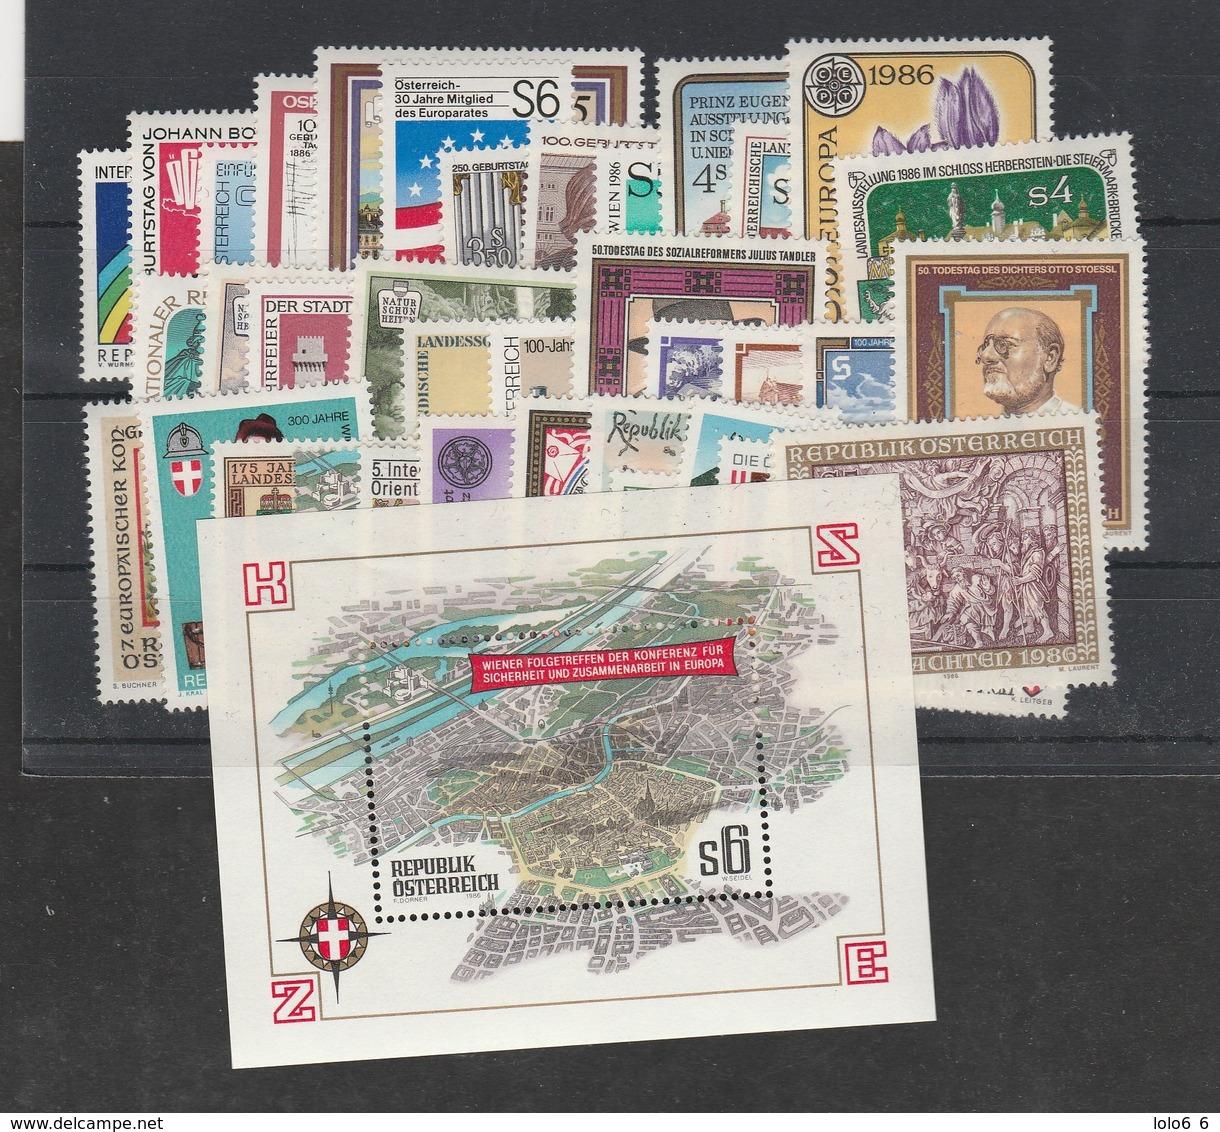 Jahrgang 1986 Kpl. Postfrisch - Günstig - Österreich